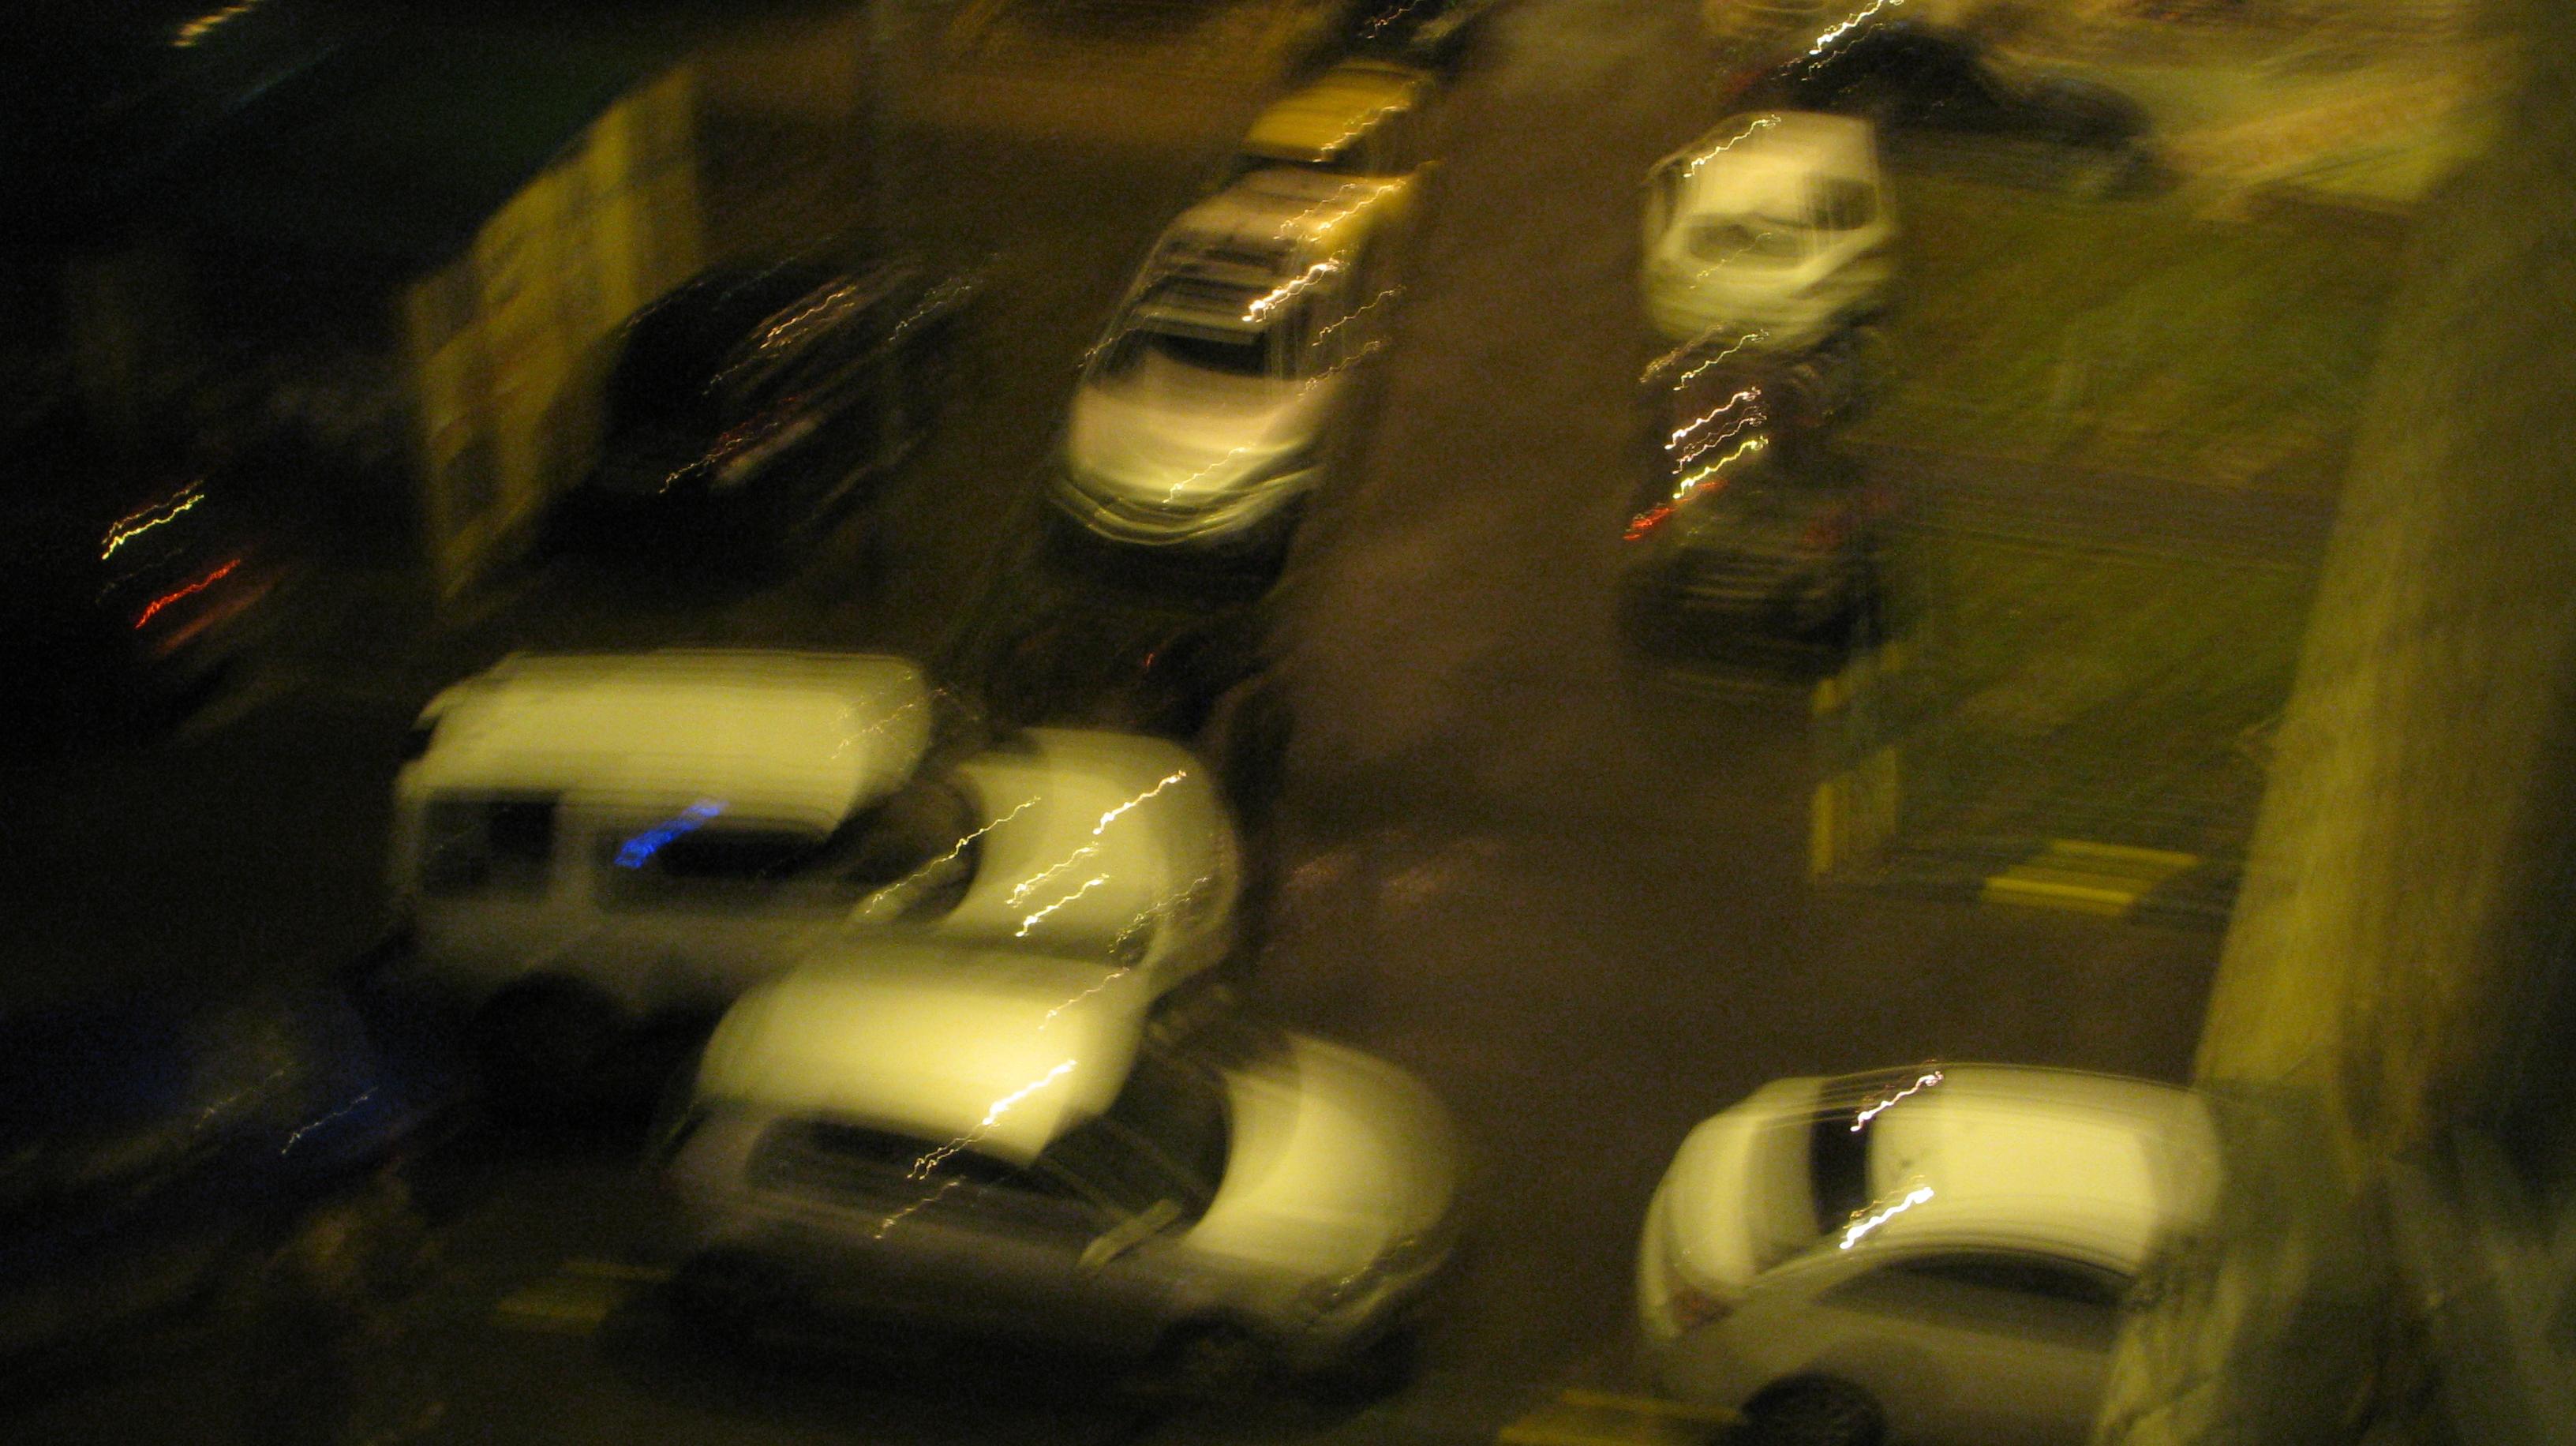 только что угнали авто в Московском